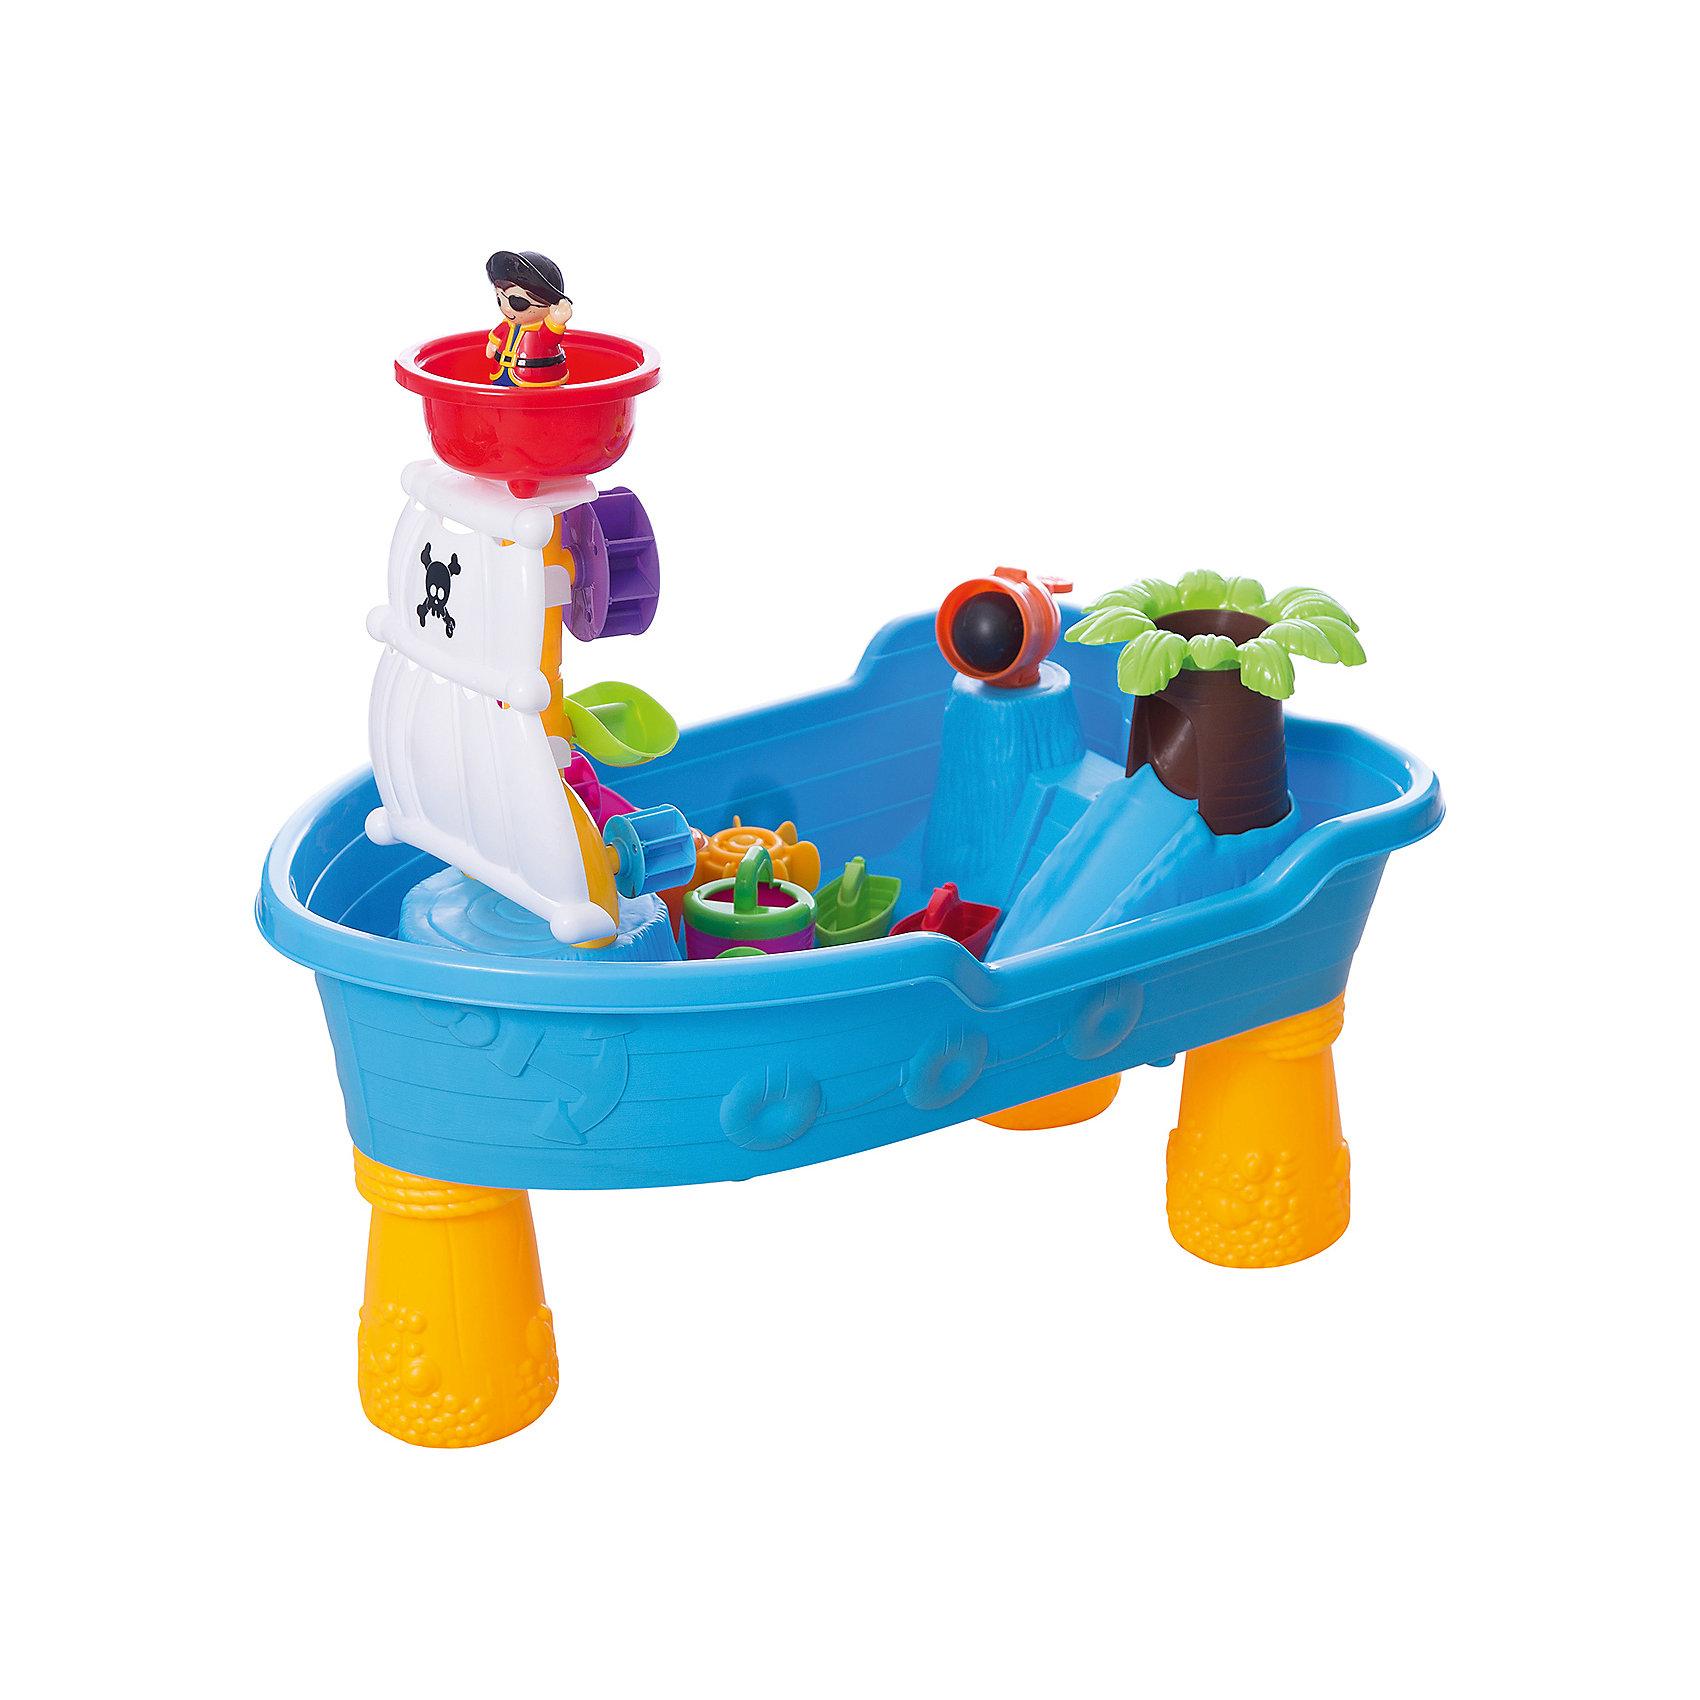 Набор для игры с песком, 12 предметов, Toy Target